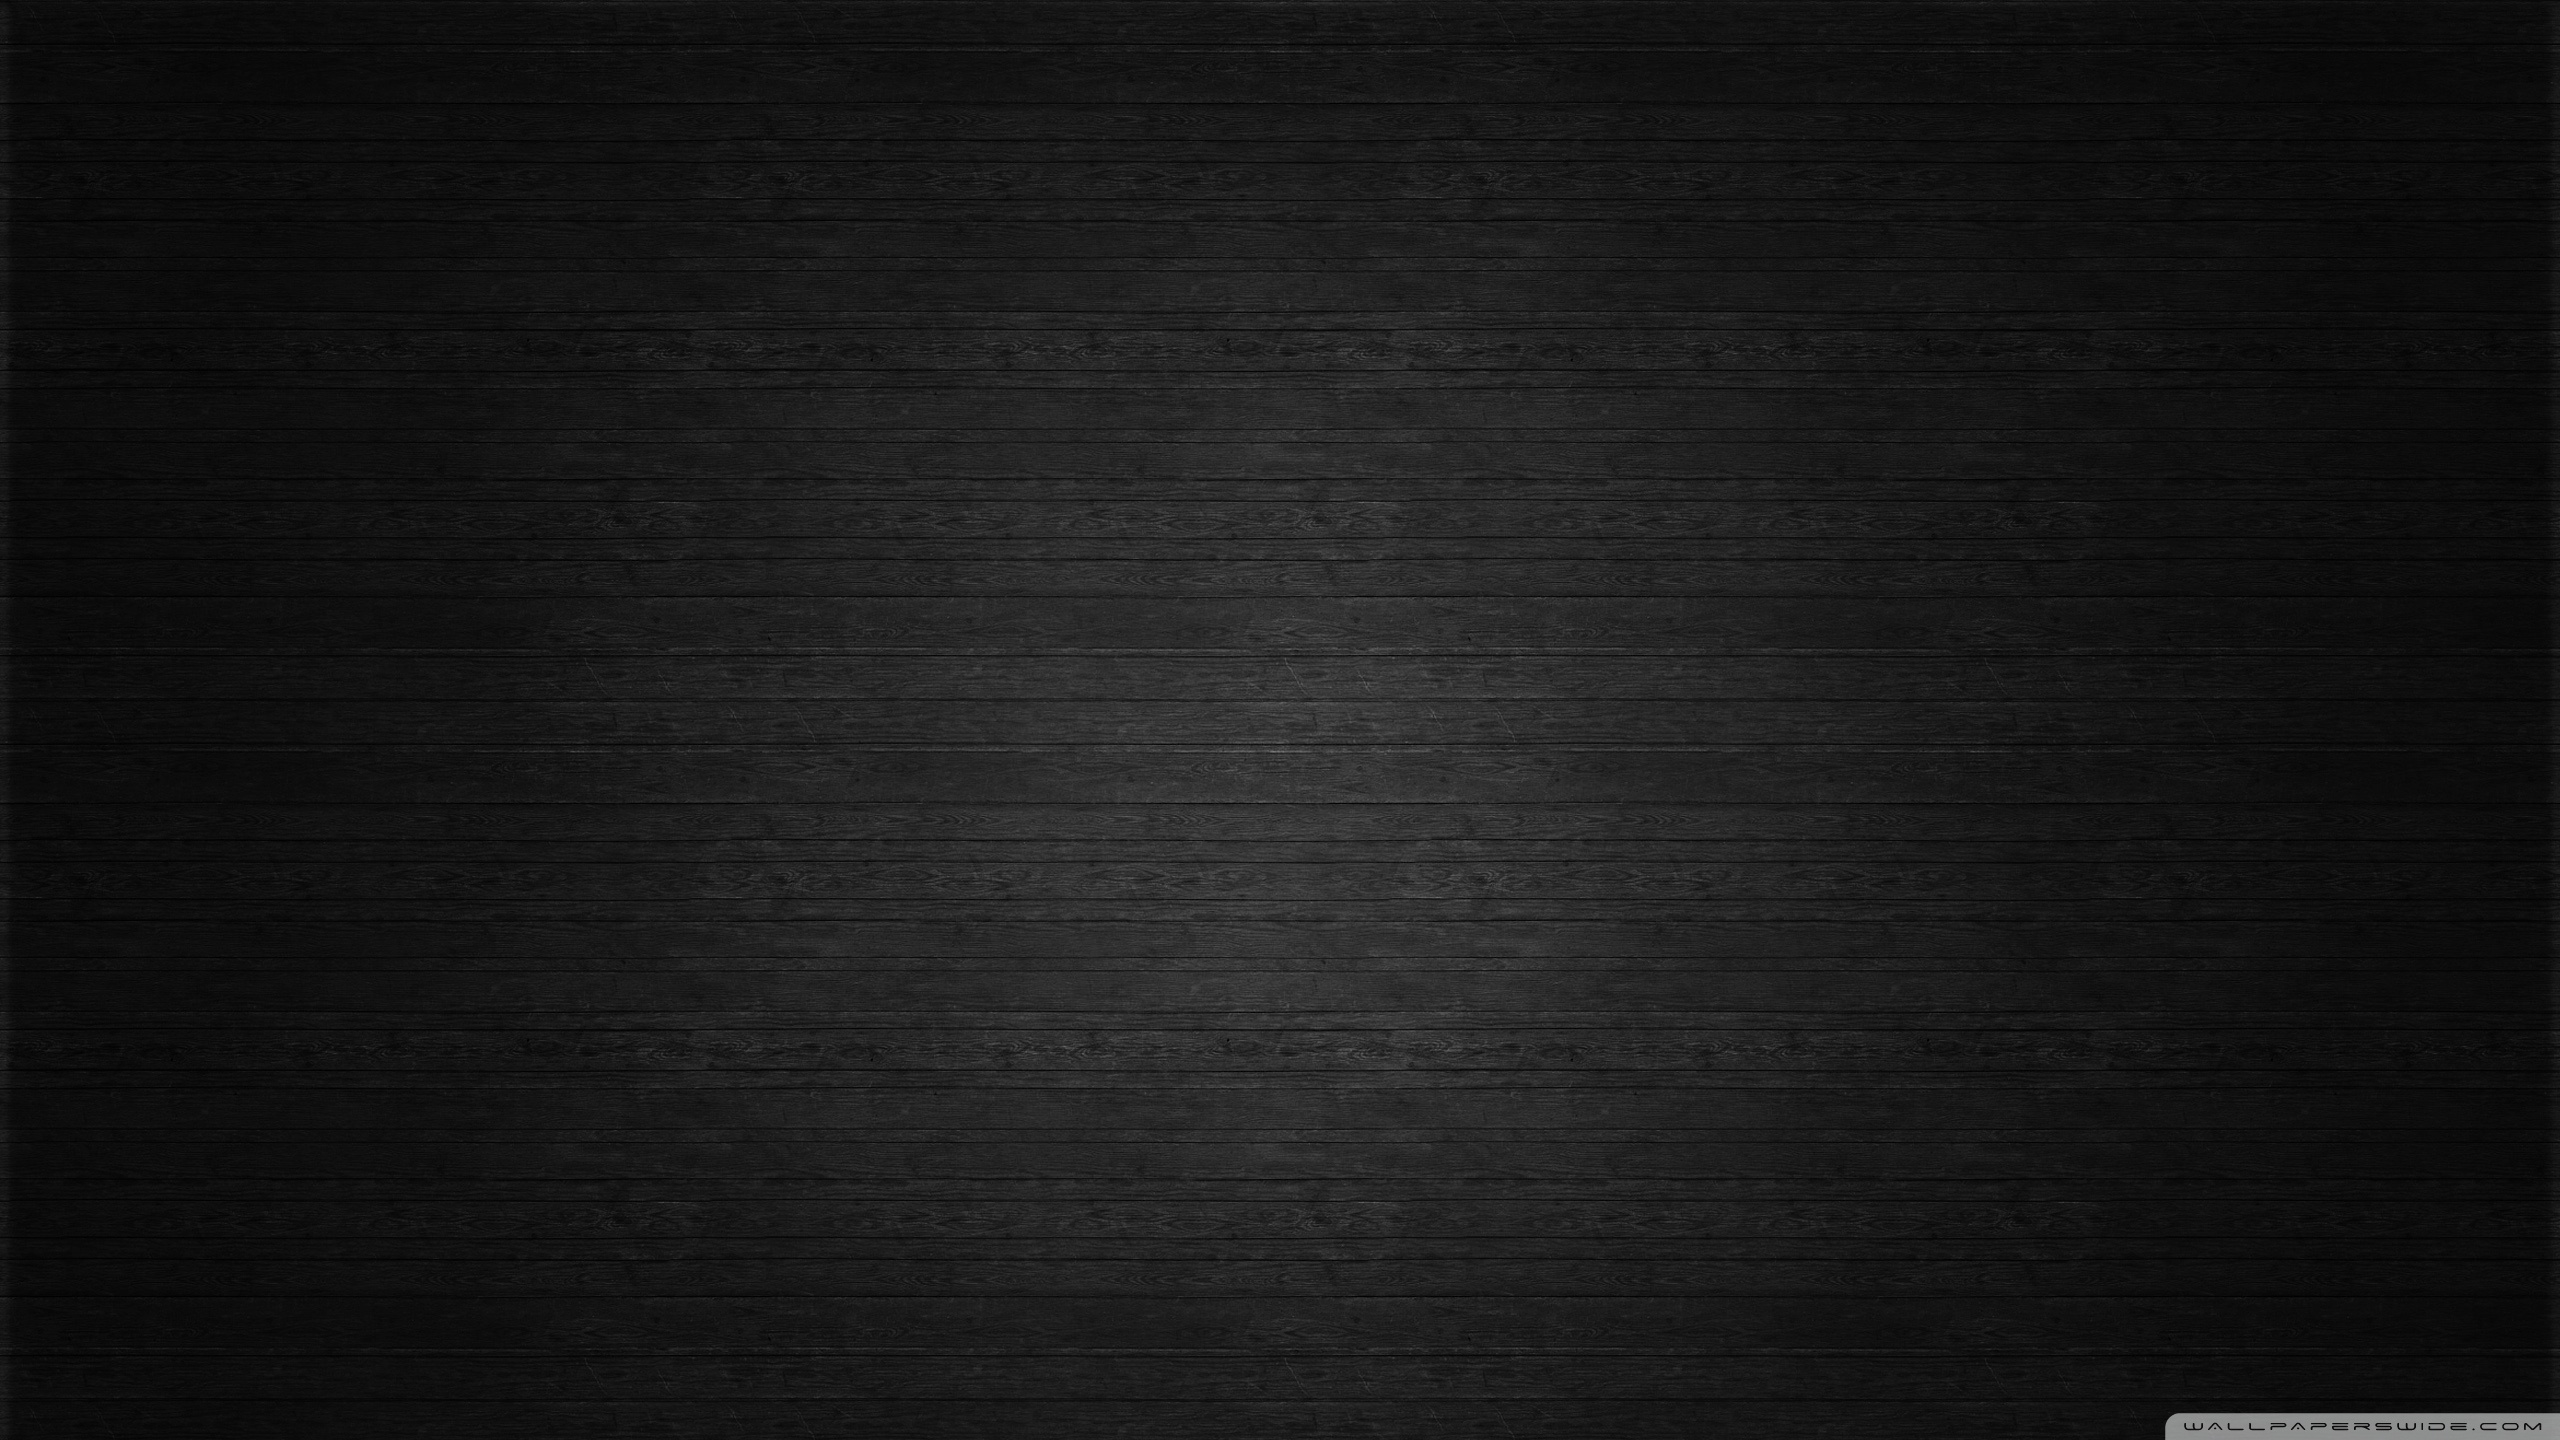 Wood I Wallpaper 133 2560x1440 pixel Exotic Wallpaper Cuzzsoft 2560x1440